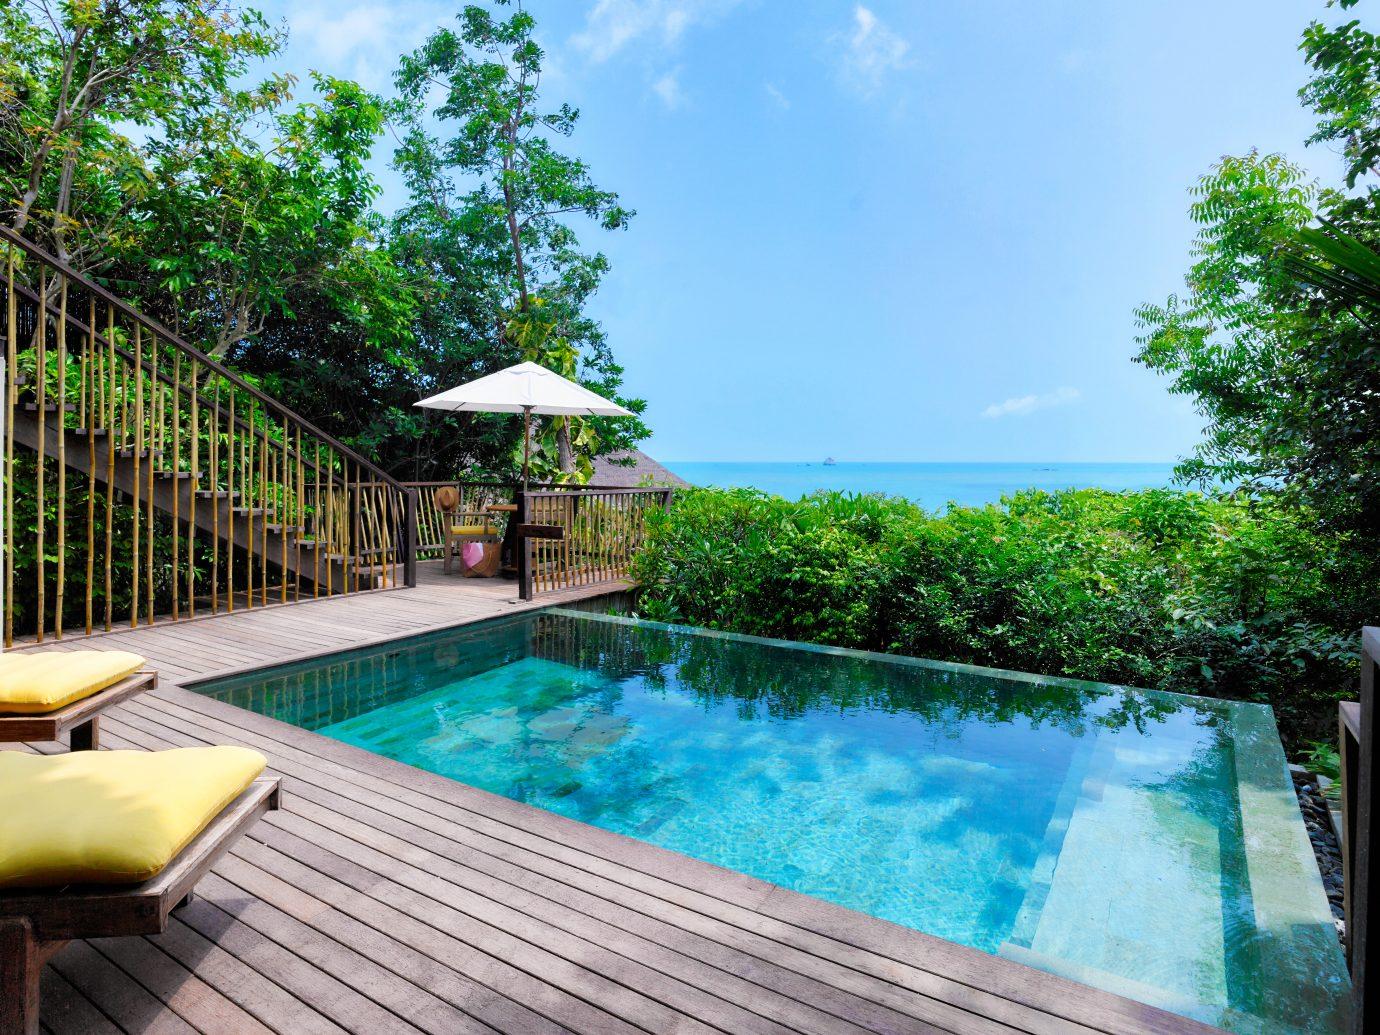 Private pool at Six Senses Samui